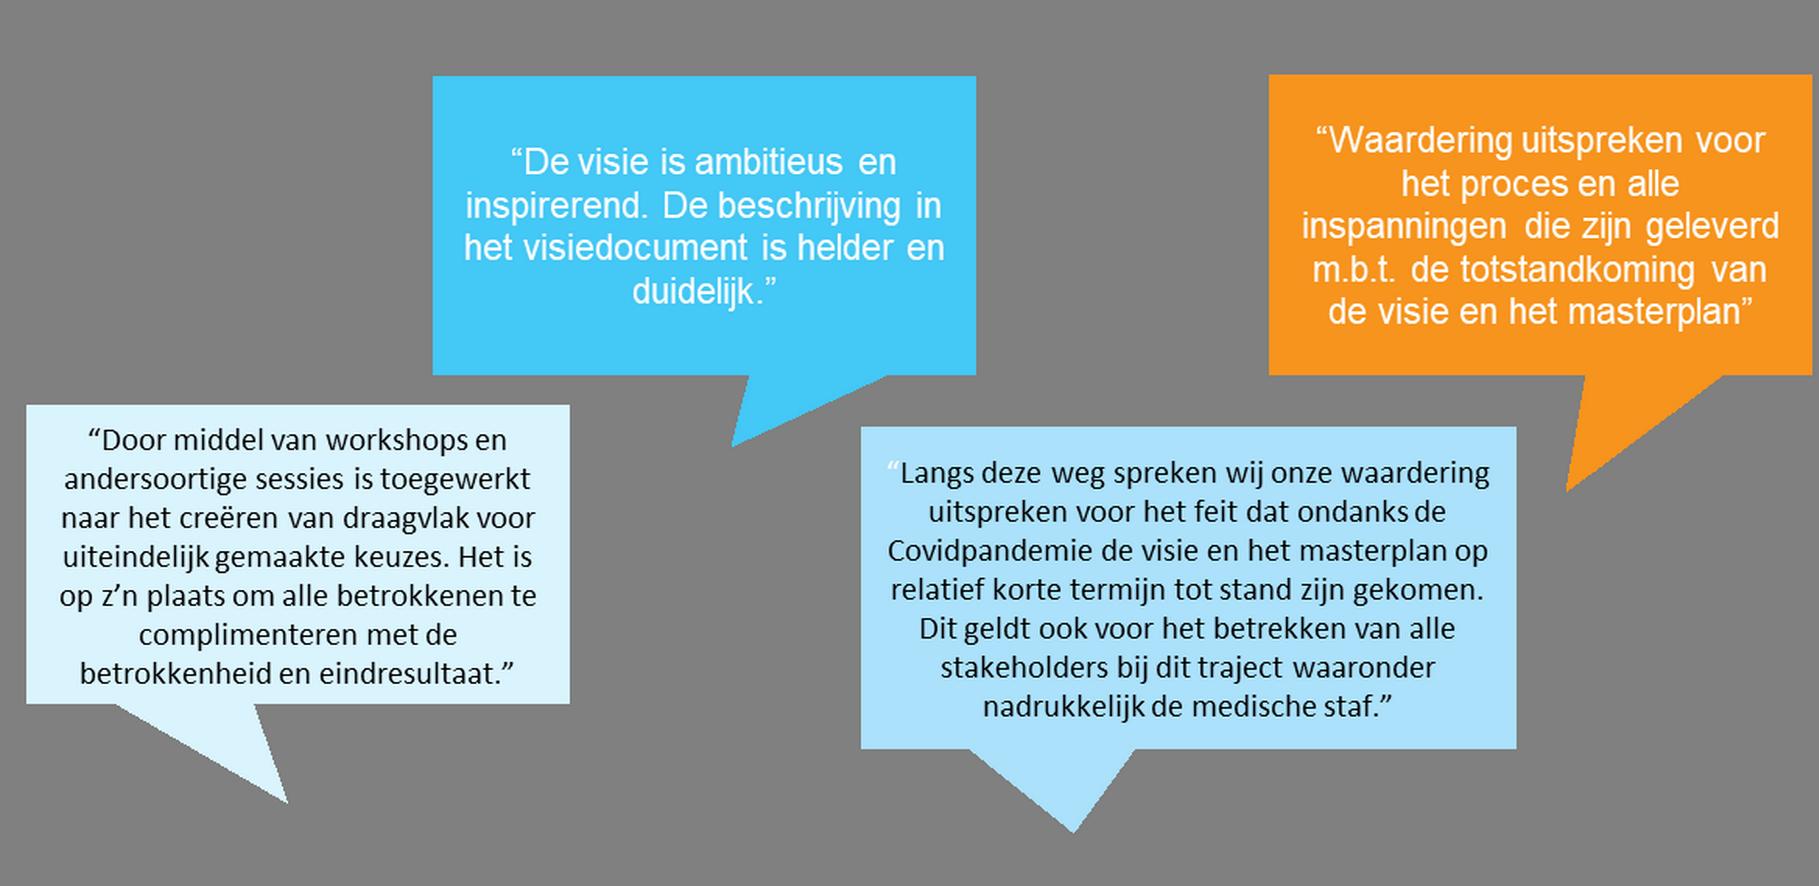 Evaluatie visietraject door leden van het stafbestuur, PAR, VAR en OR van het Bravis ziekenhuis